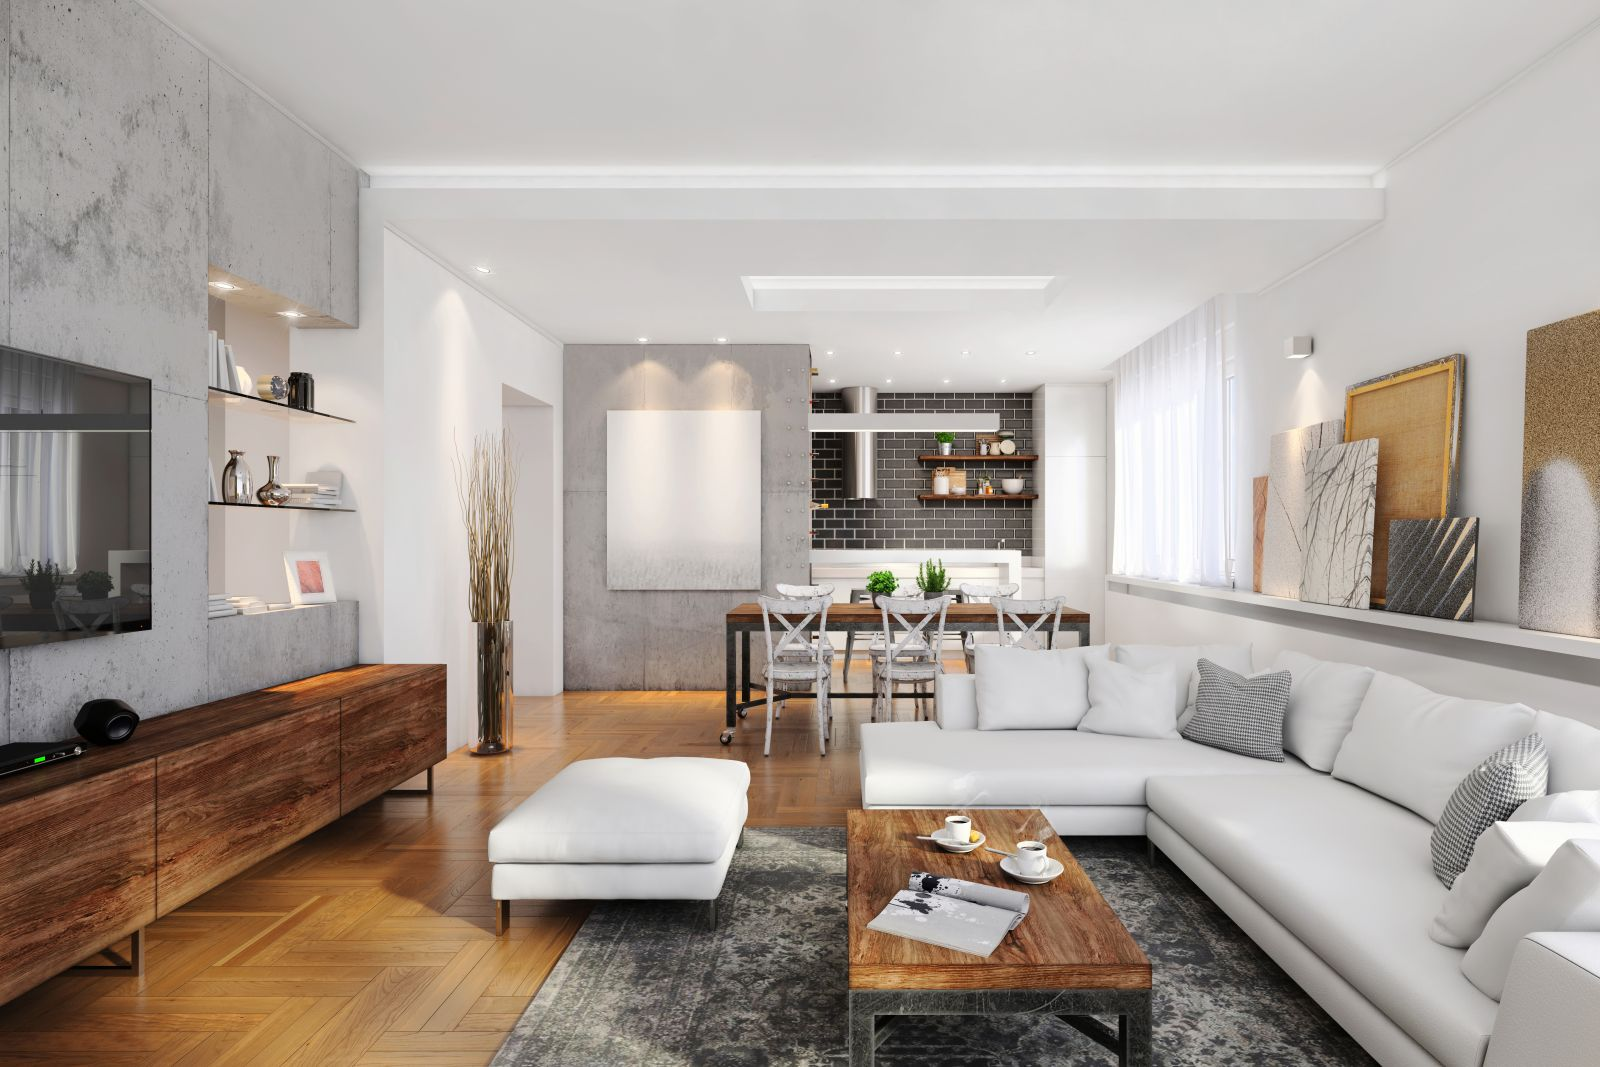 Full Size of Moderne Wohnzimmer Decken Wohnzimmer Decken Gestalten Wohnzimmer Decken Paneele Wohnzimmer Decken Beispiel Wohnzimmer Wohnzimmer Decken